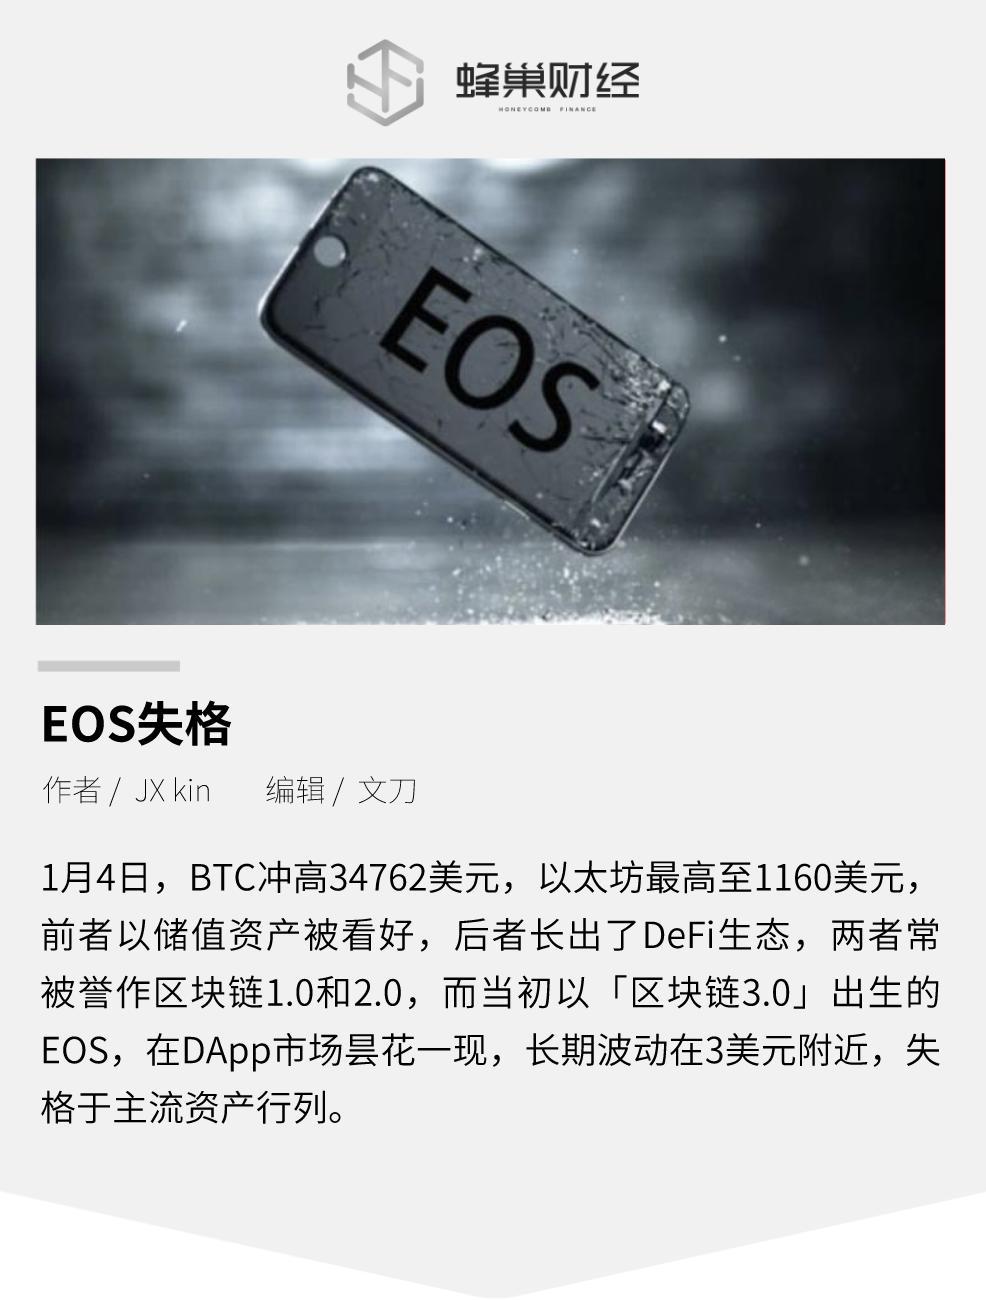 EOS已经被取消资格很长一段时间了。何时才能恢复上升趋势?插图